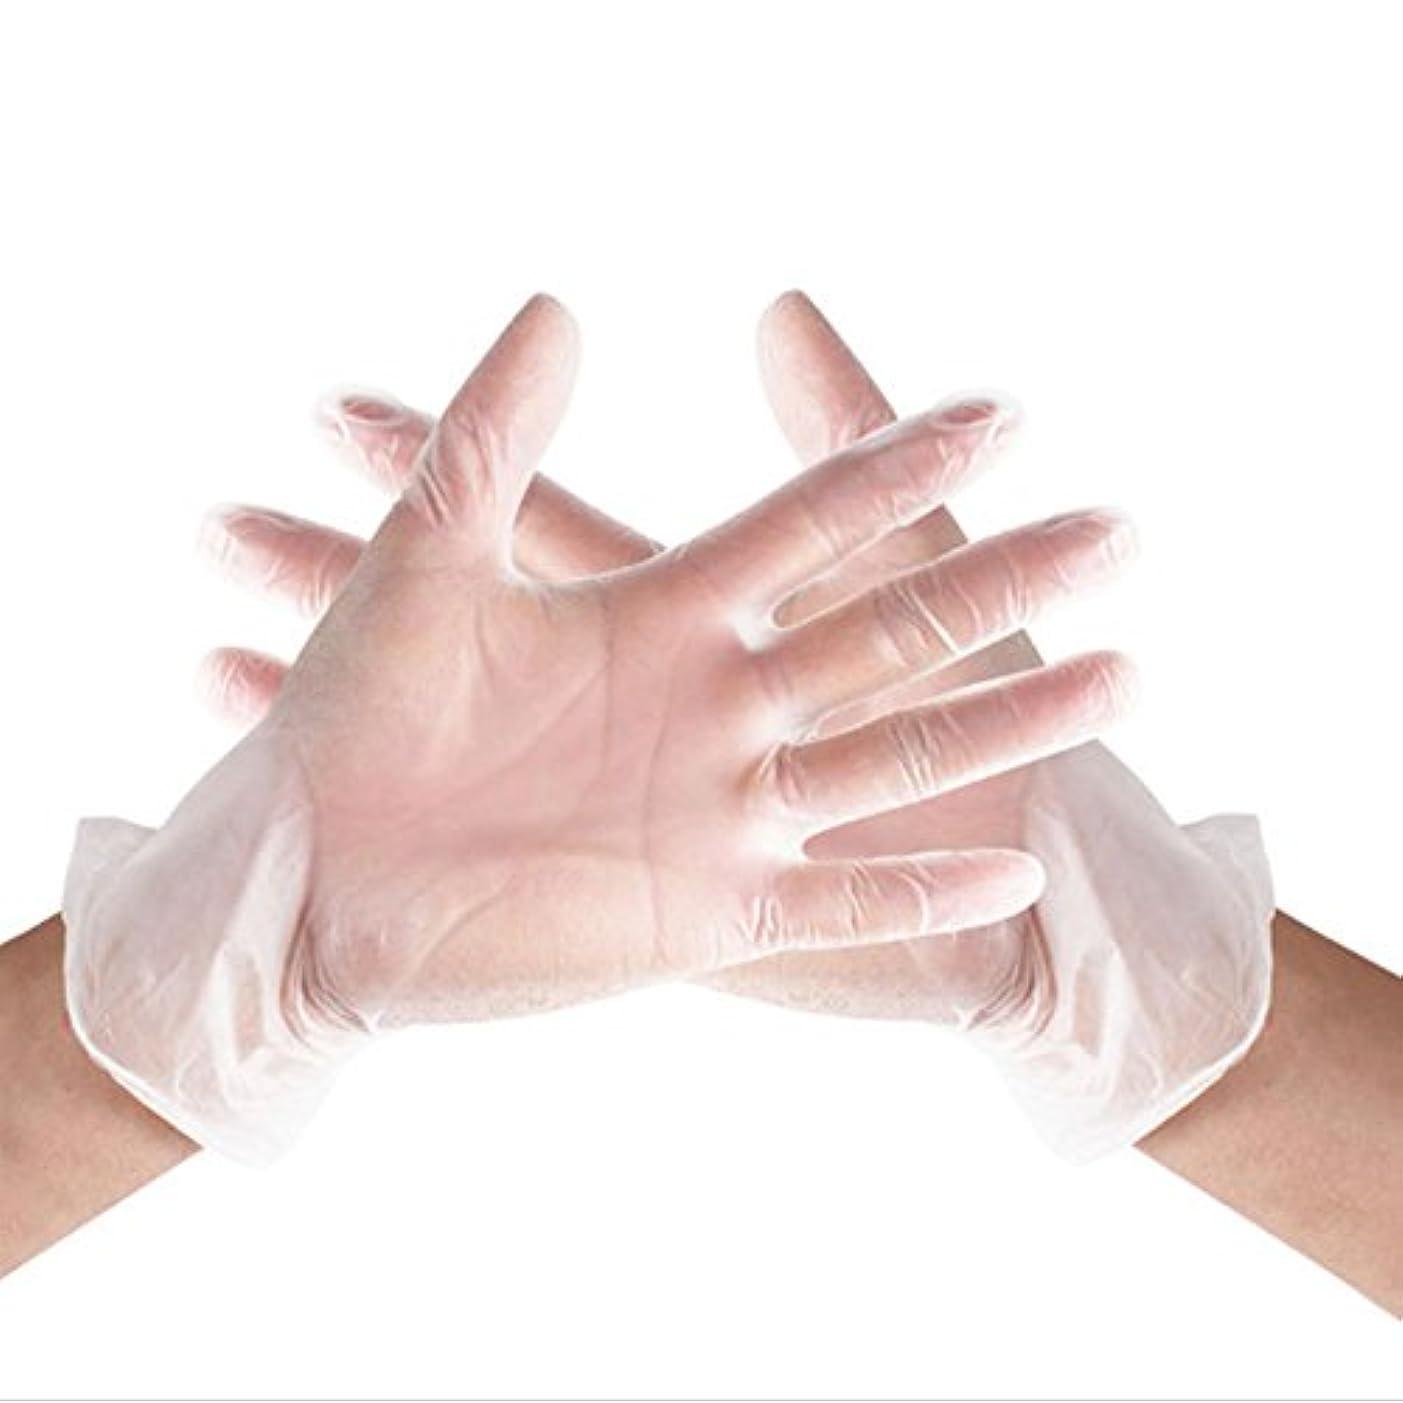 アミューズメント統計的富Bartram 使い捨て手袋 プラスチック手袋 PVCグローブ パウダーなし やわらか手袋 50枚入